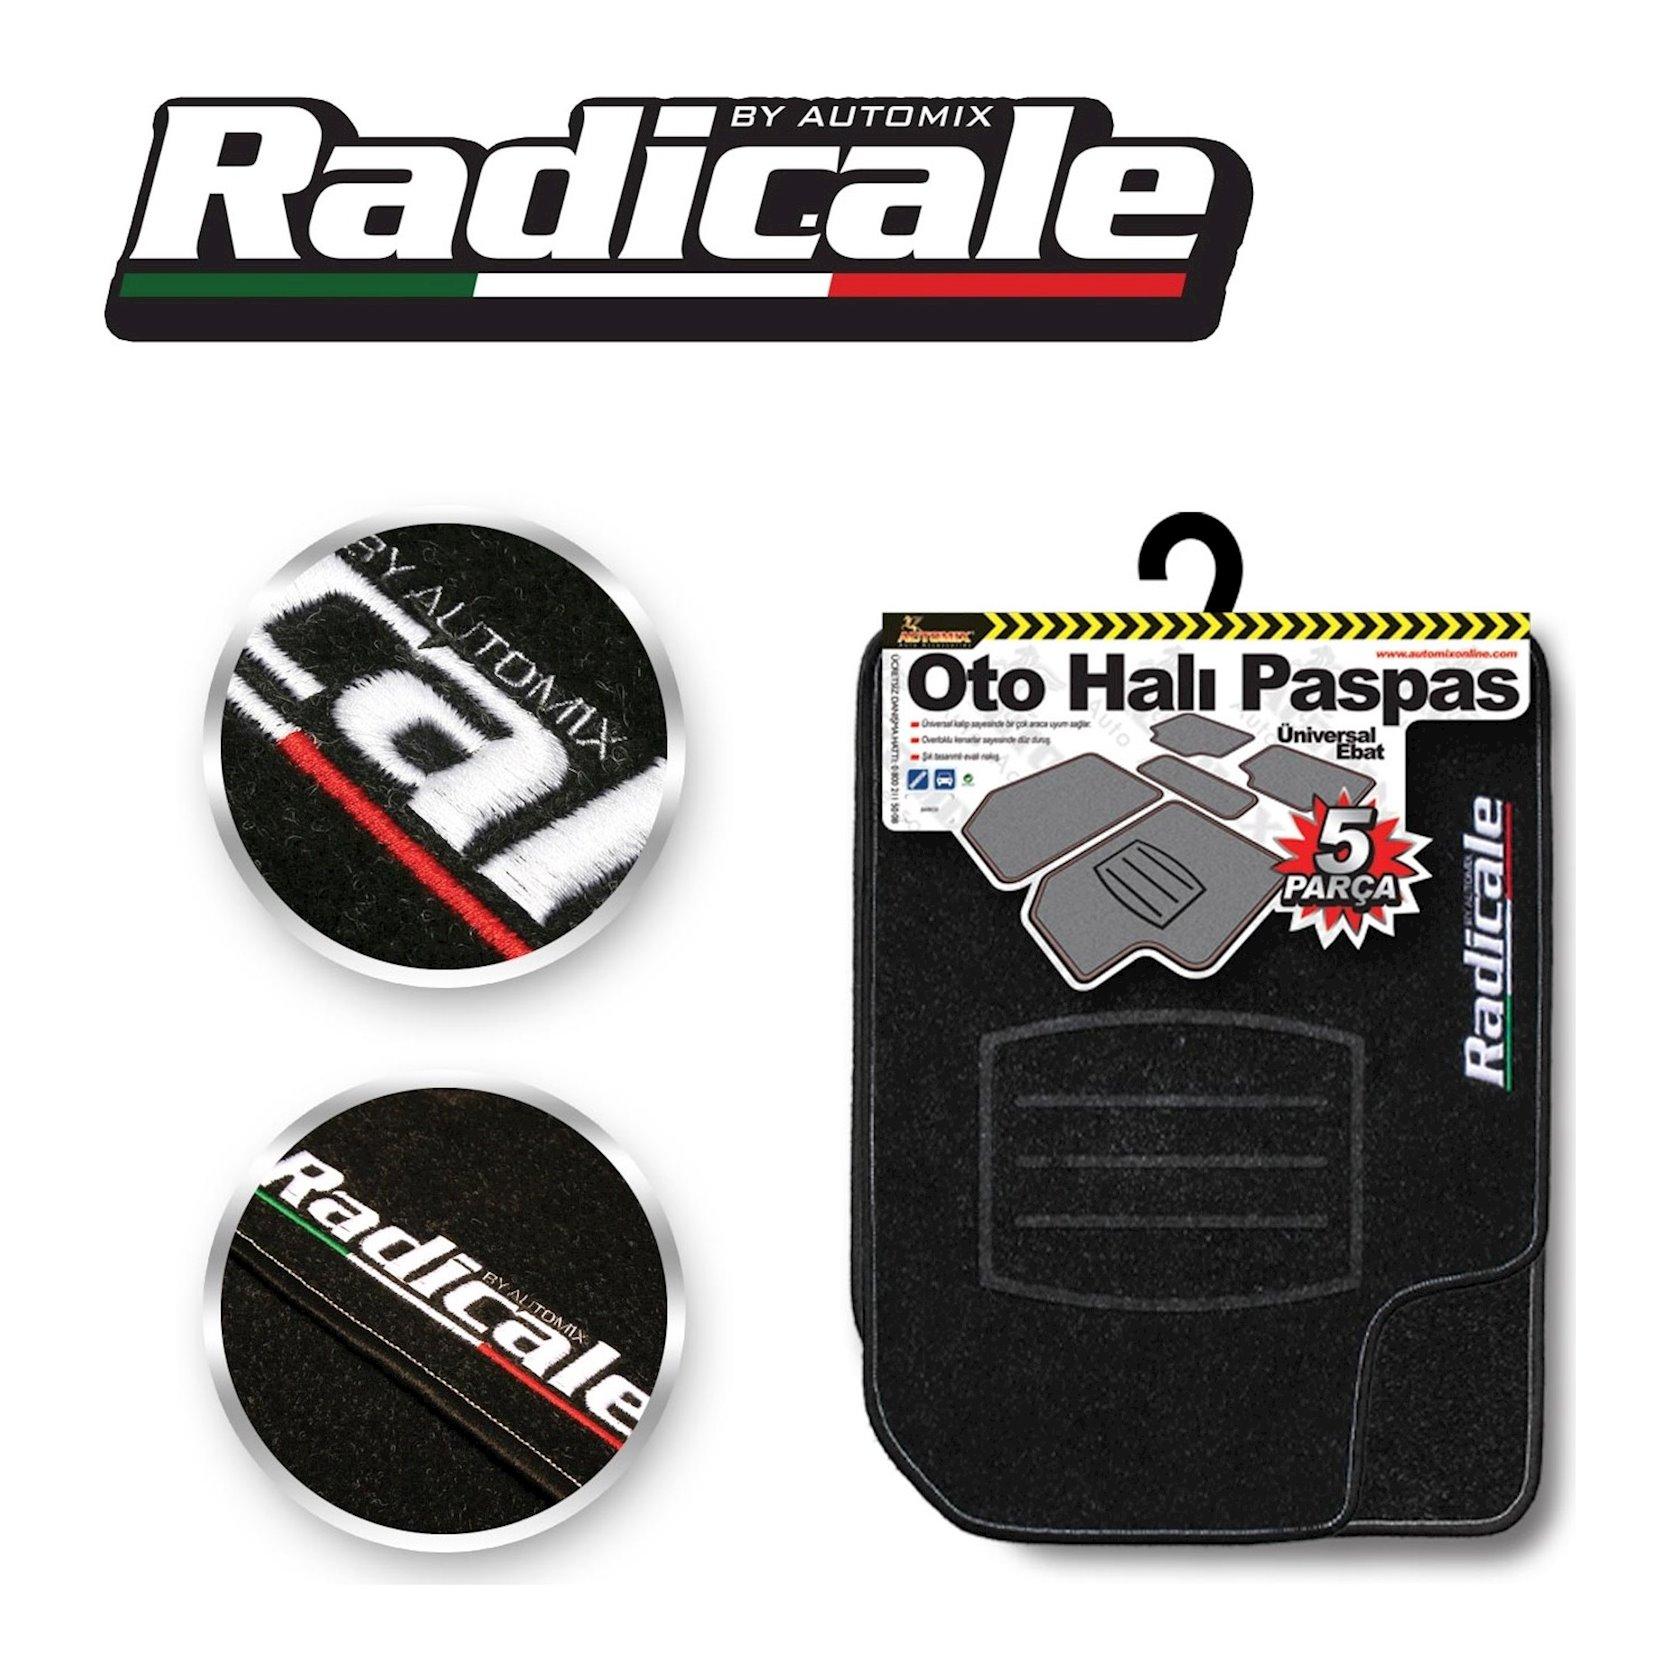 Ayaqaltı avtomobil üçün Automix Radicale